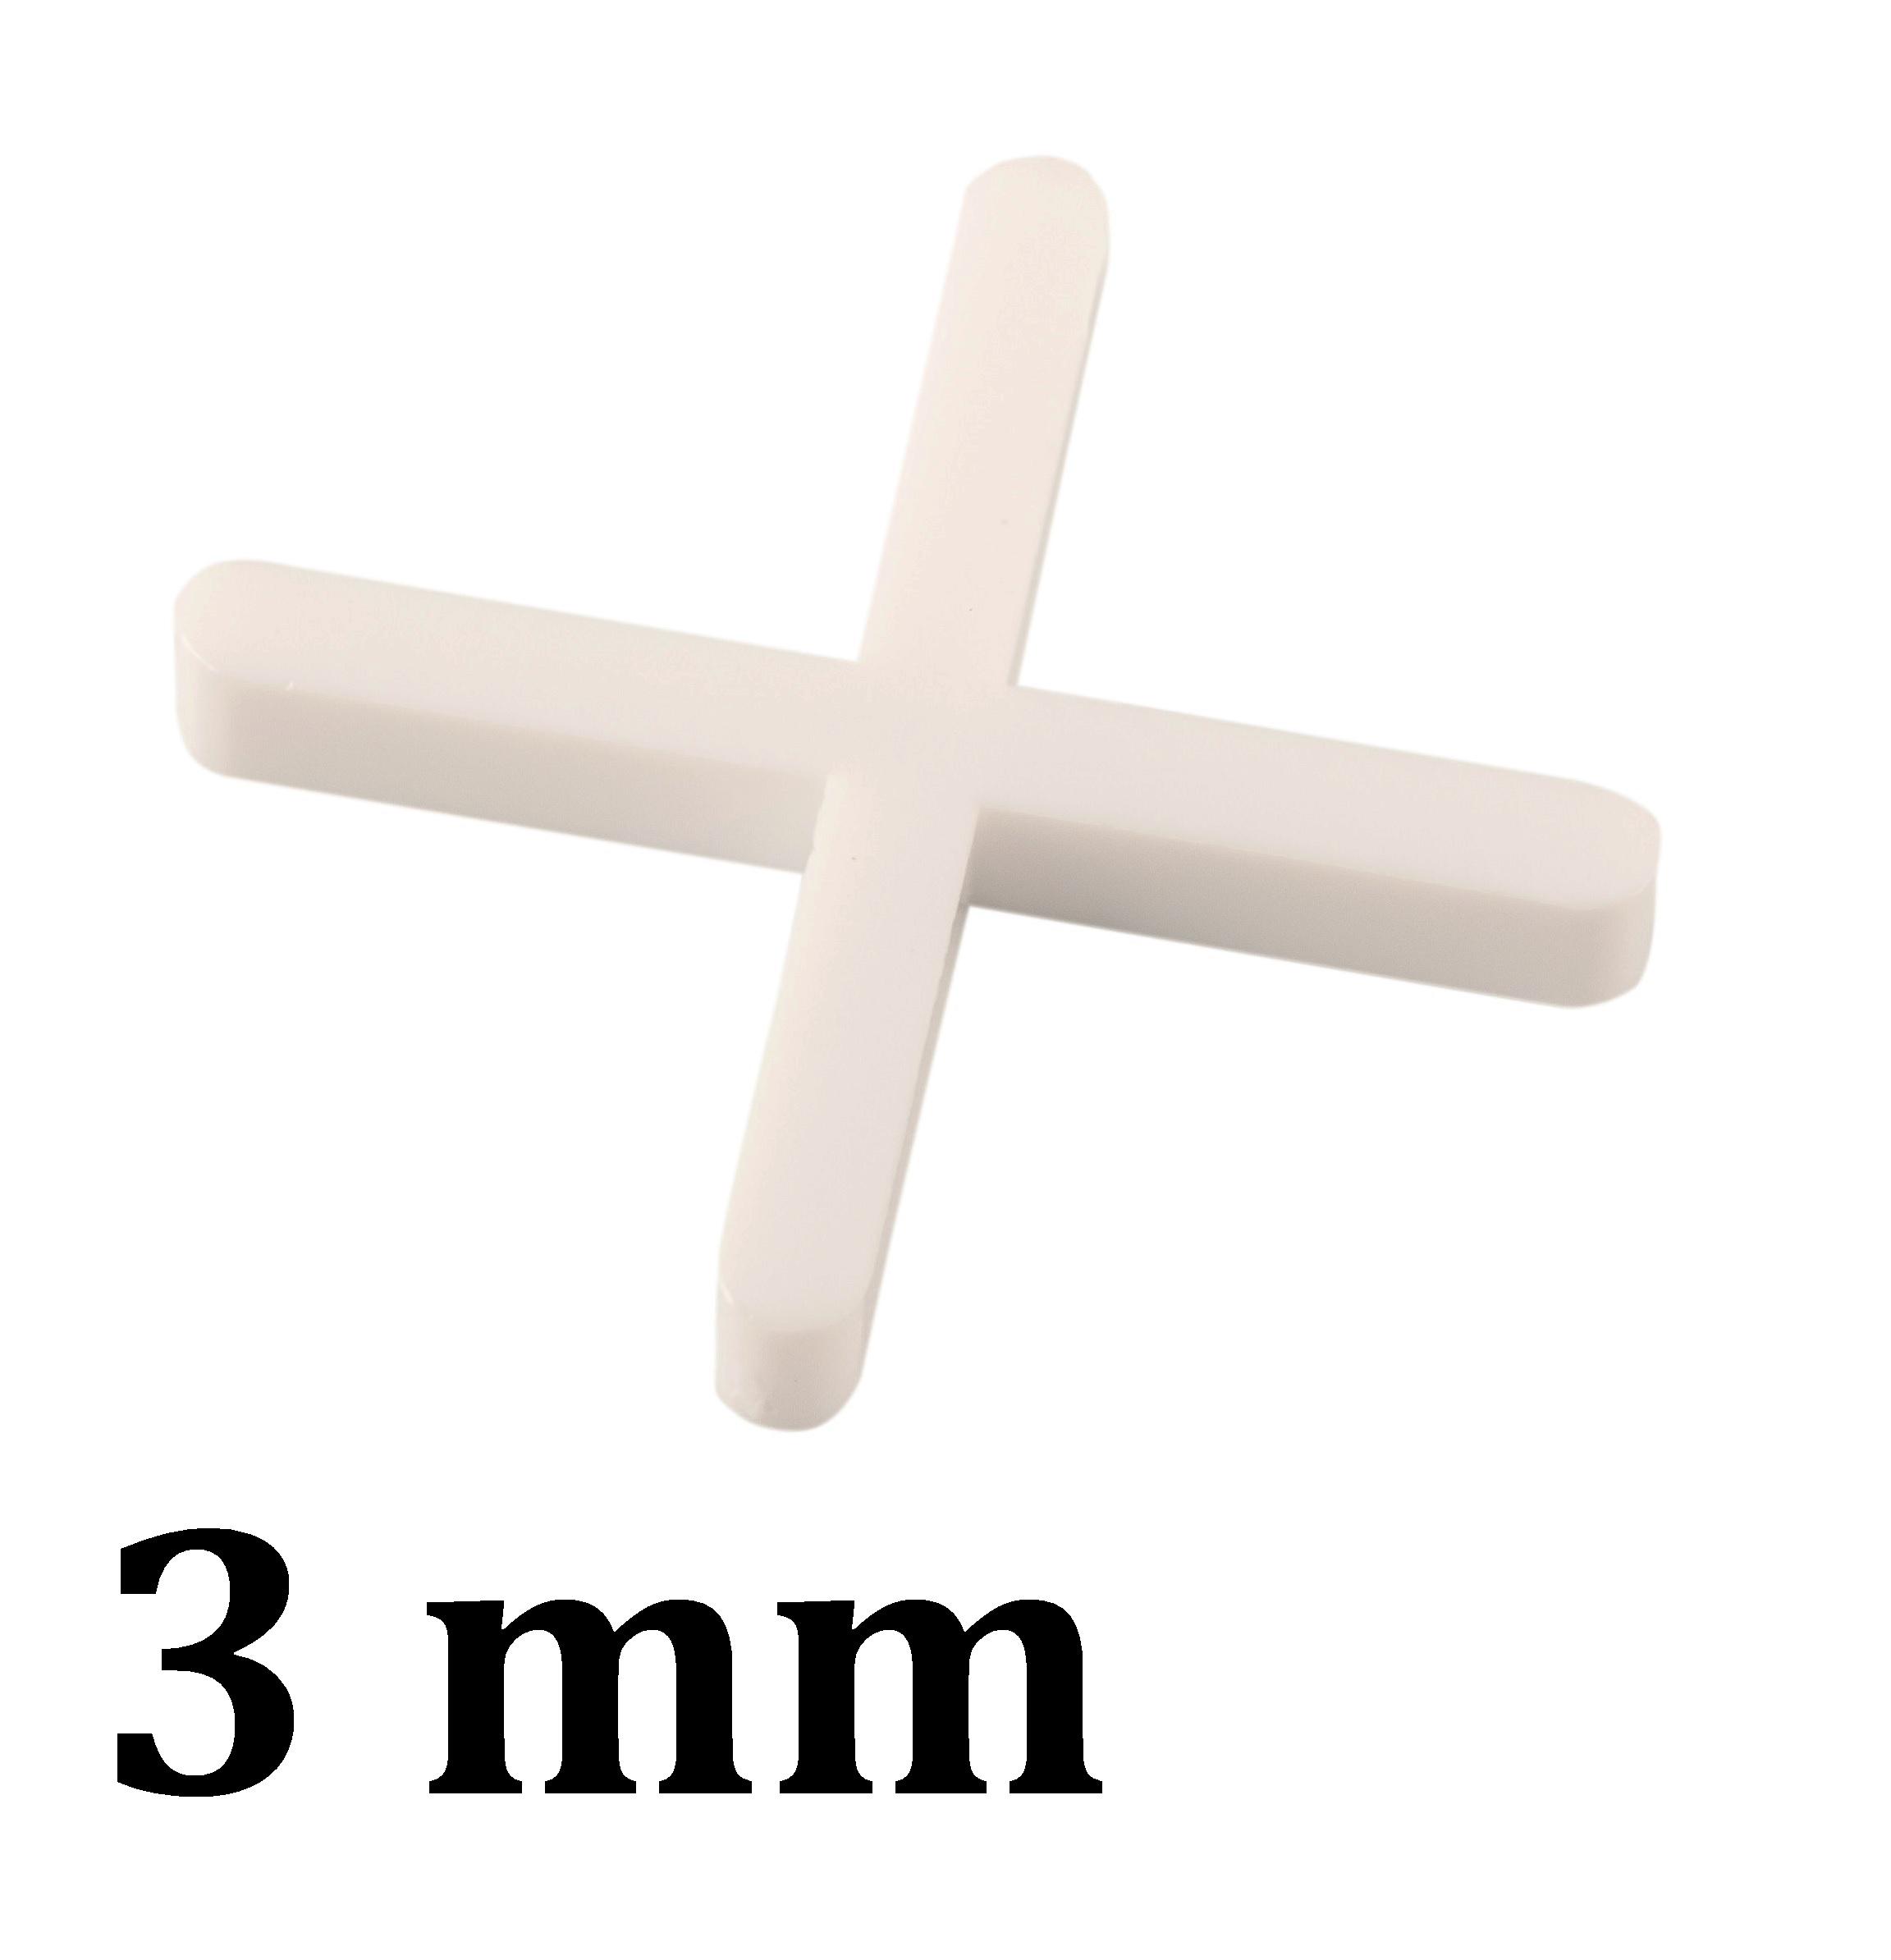 Croisillon carrelage 3,0 mm, en croix